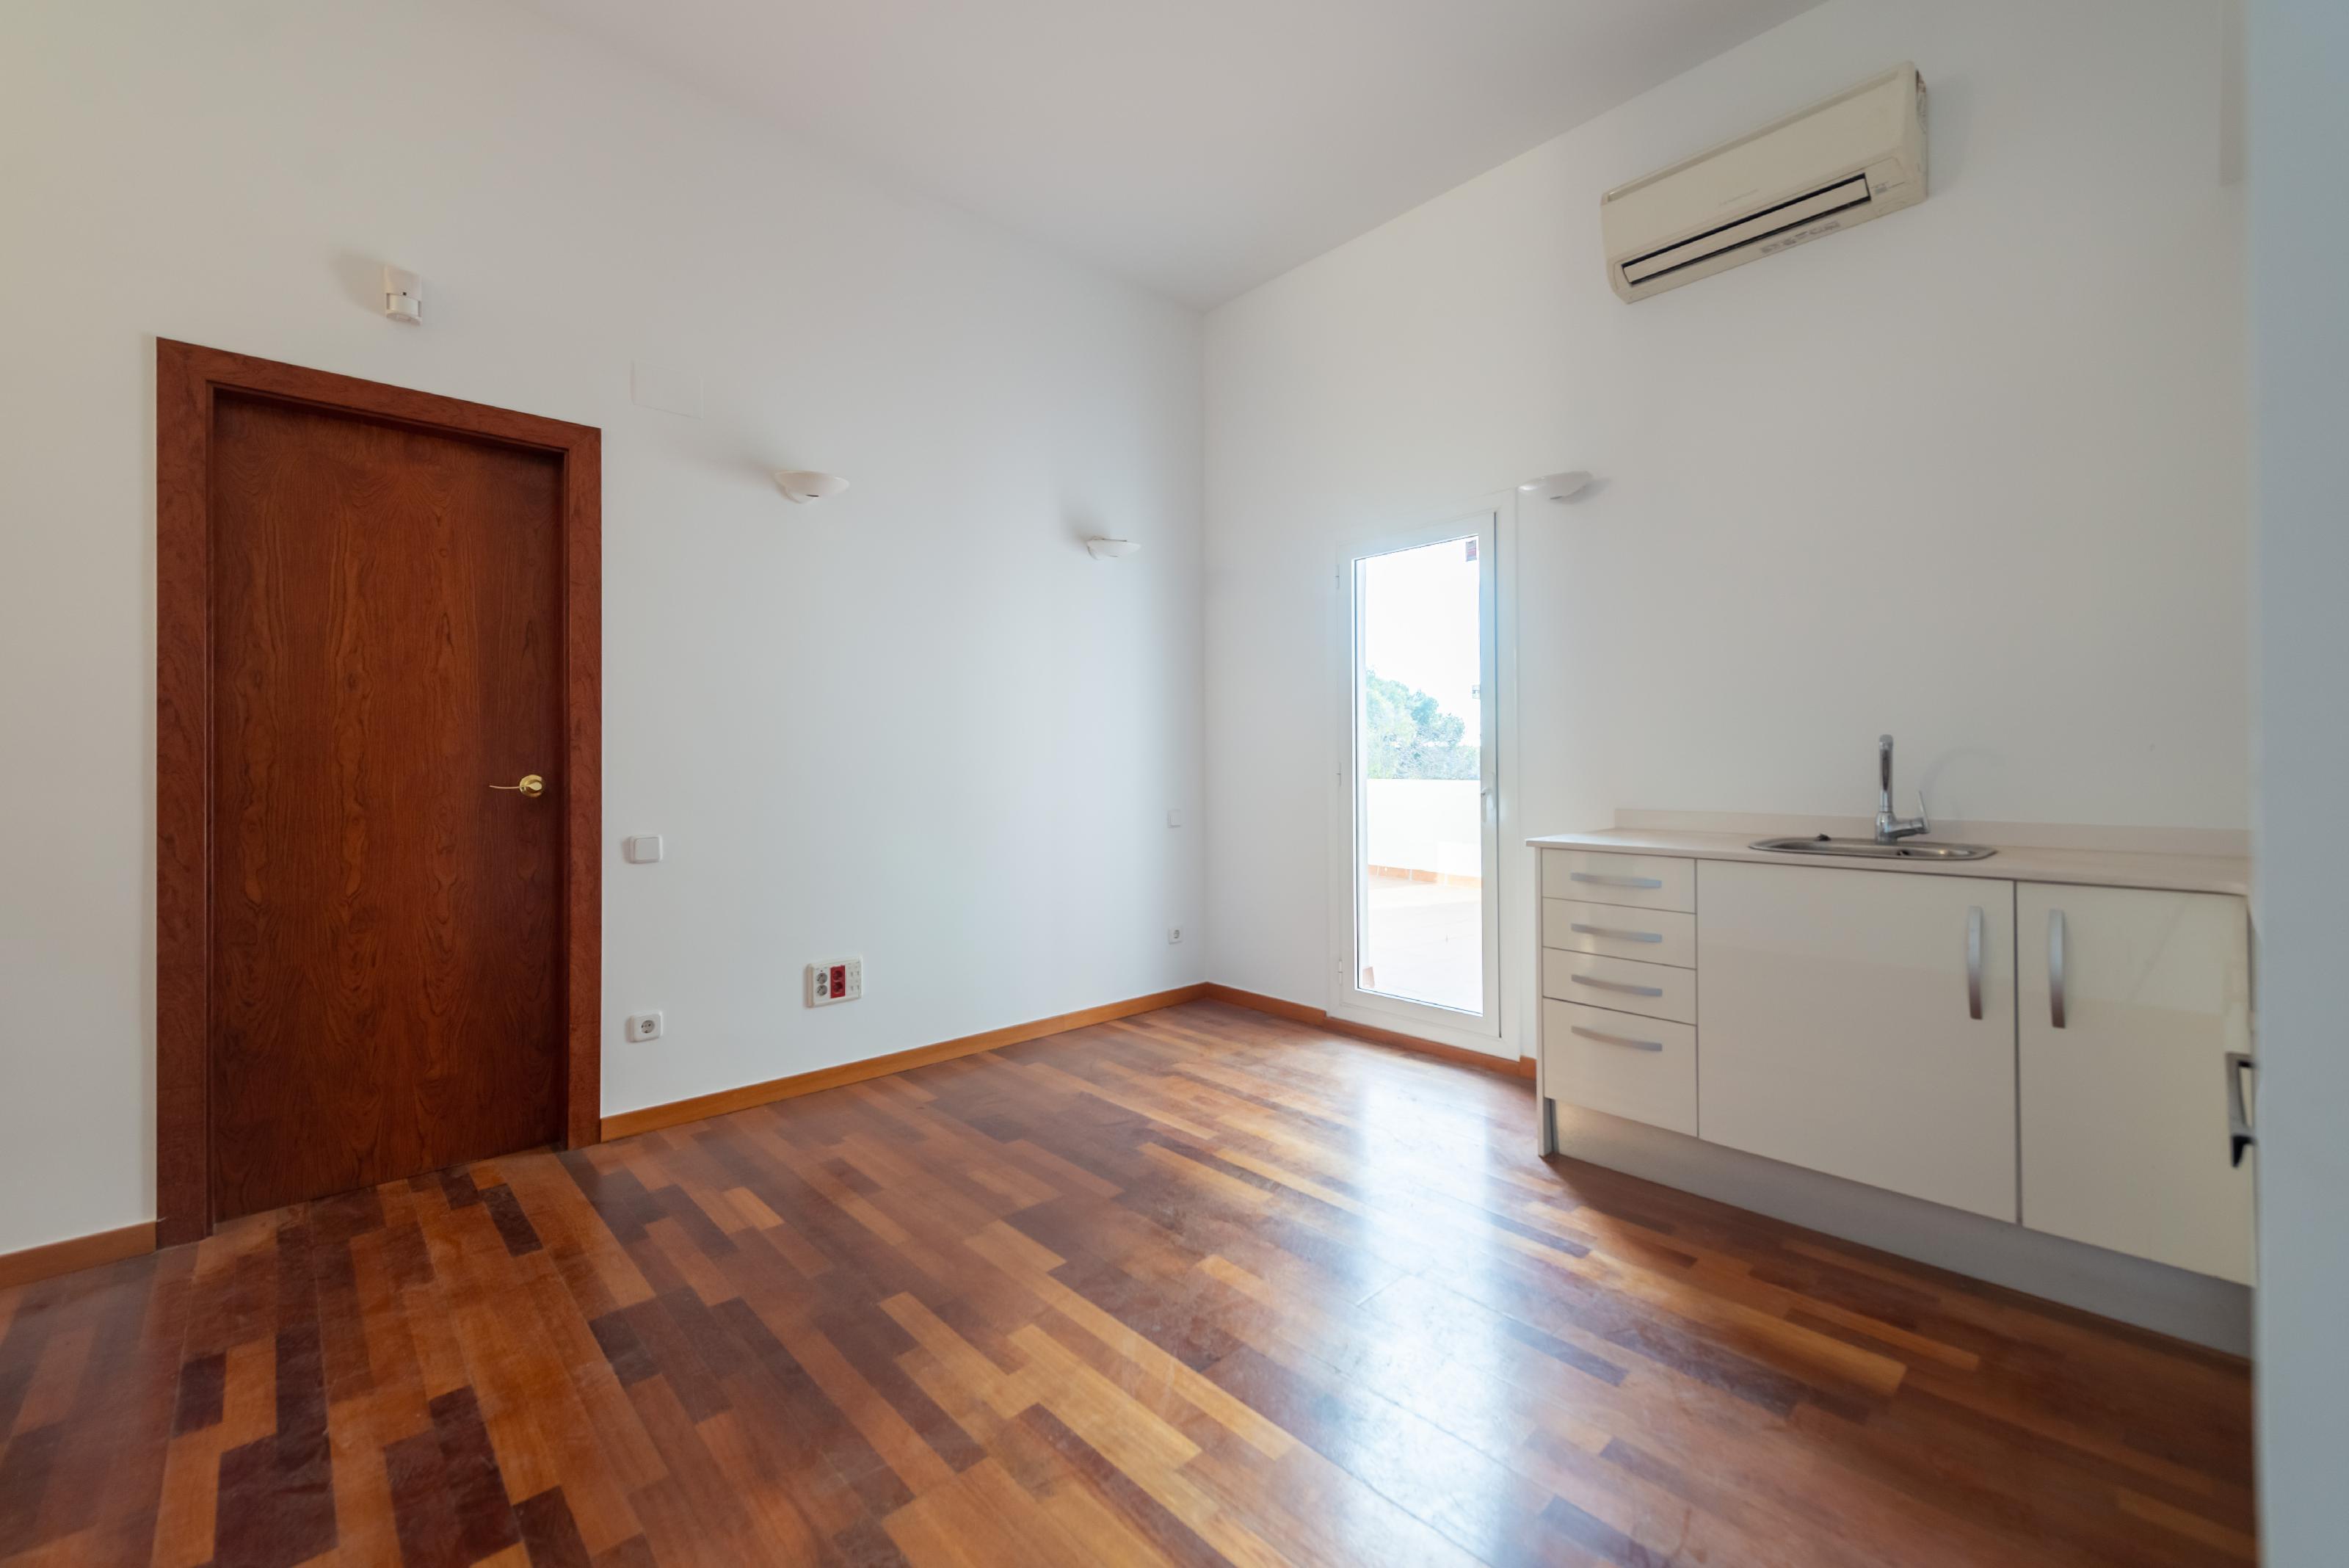 246065 Flat for sale in Sarrià-Sant Gervasi, Sarrià 11